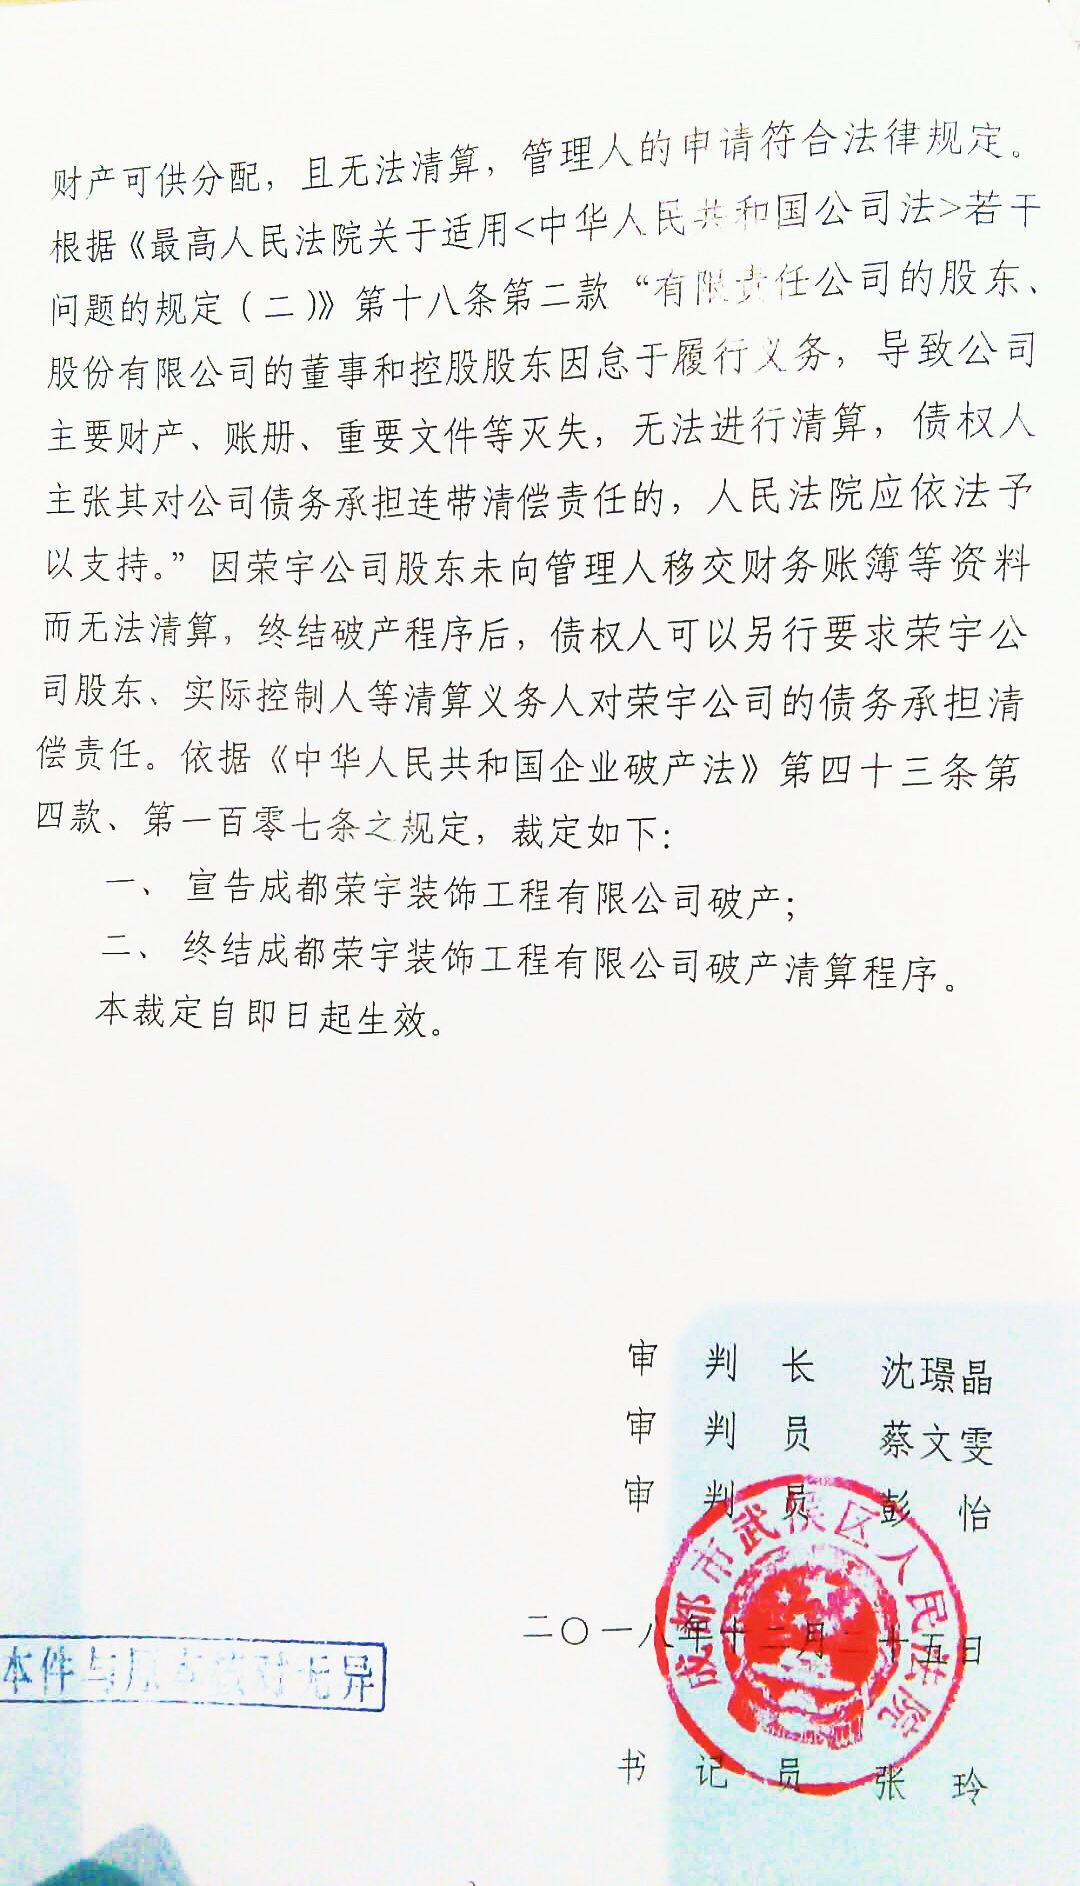 成都荣宇装饰工程有限公司金豪棋牌游戏中心程序顺利终结